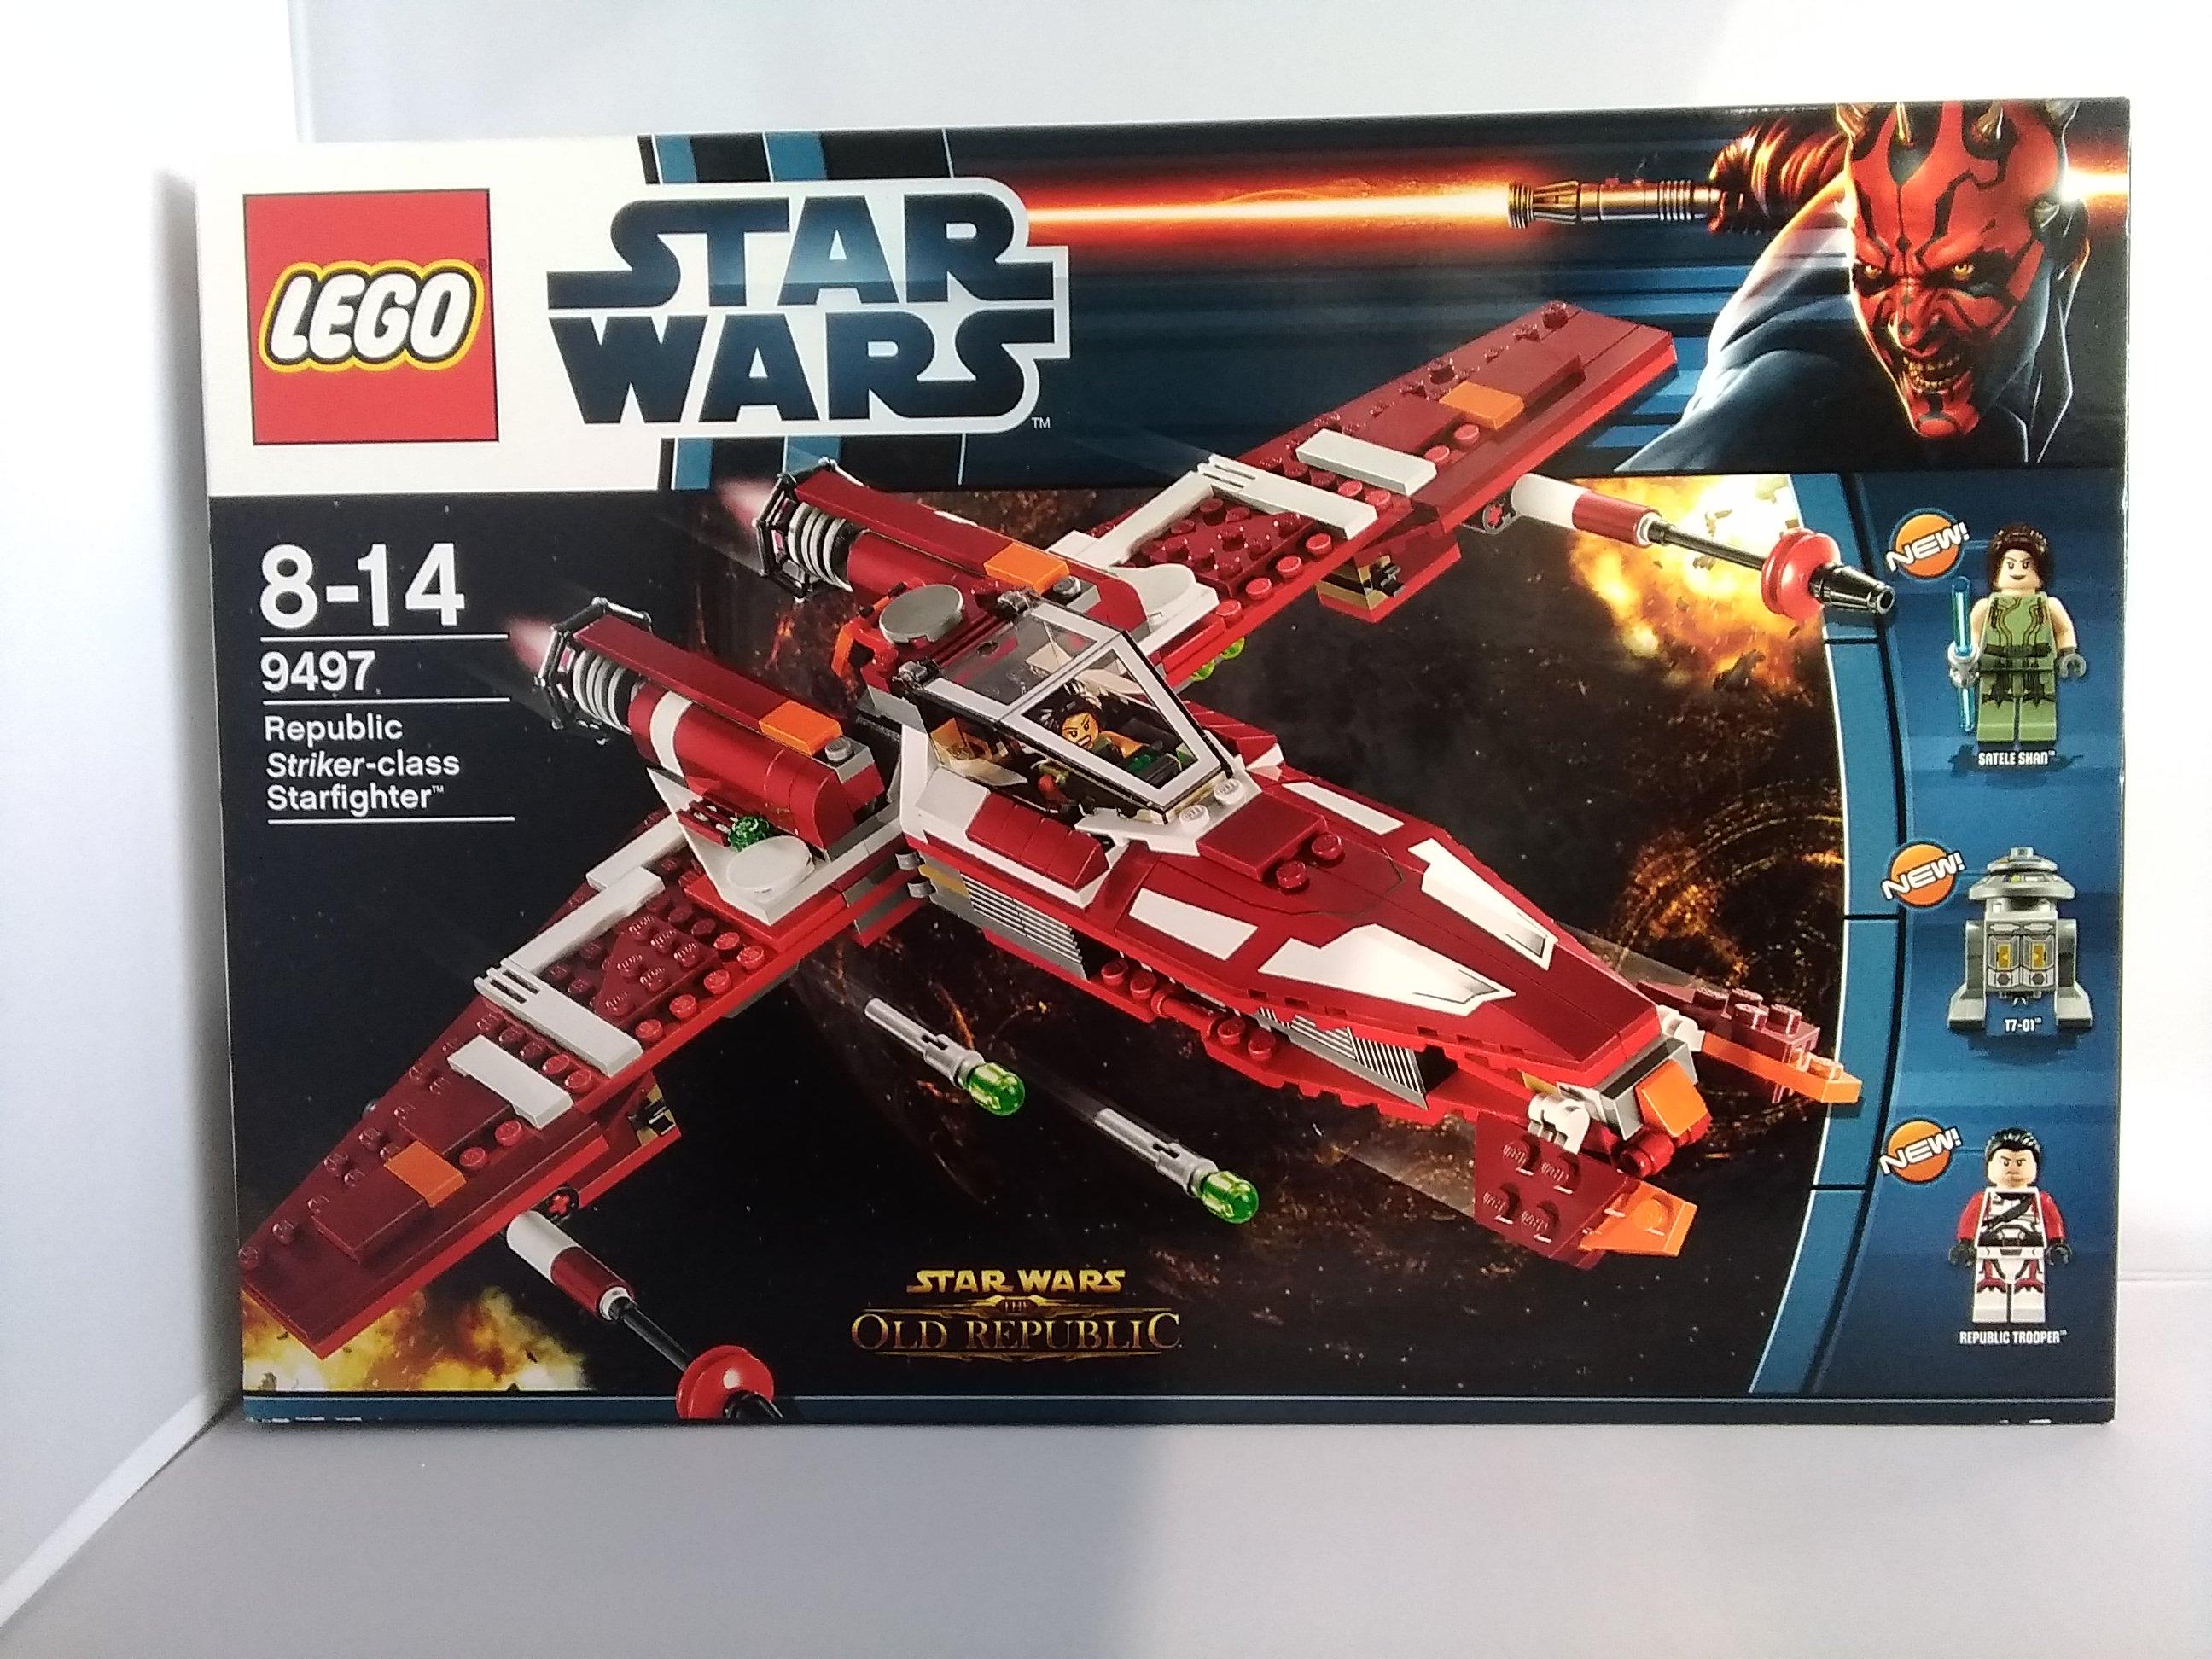 スターウォーズ 共和国軍のストライカー級スターファイター|LEGO